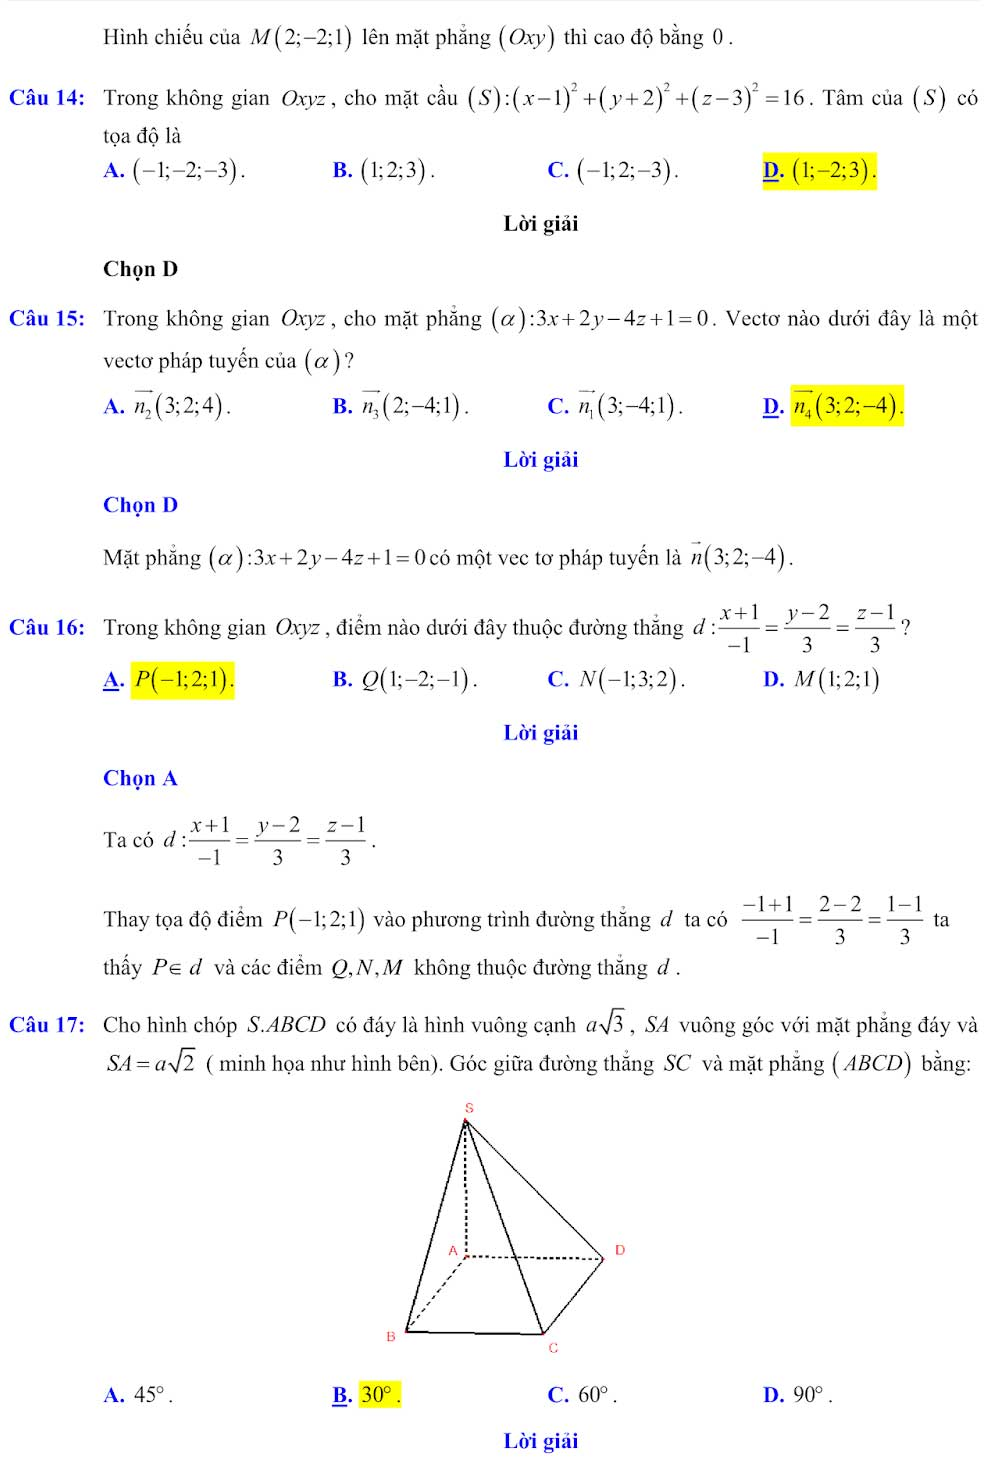 Đáp án đề minh họa thi thpt quốc gia môn toán 2020 lần 1_4